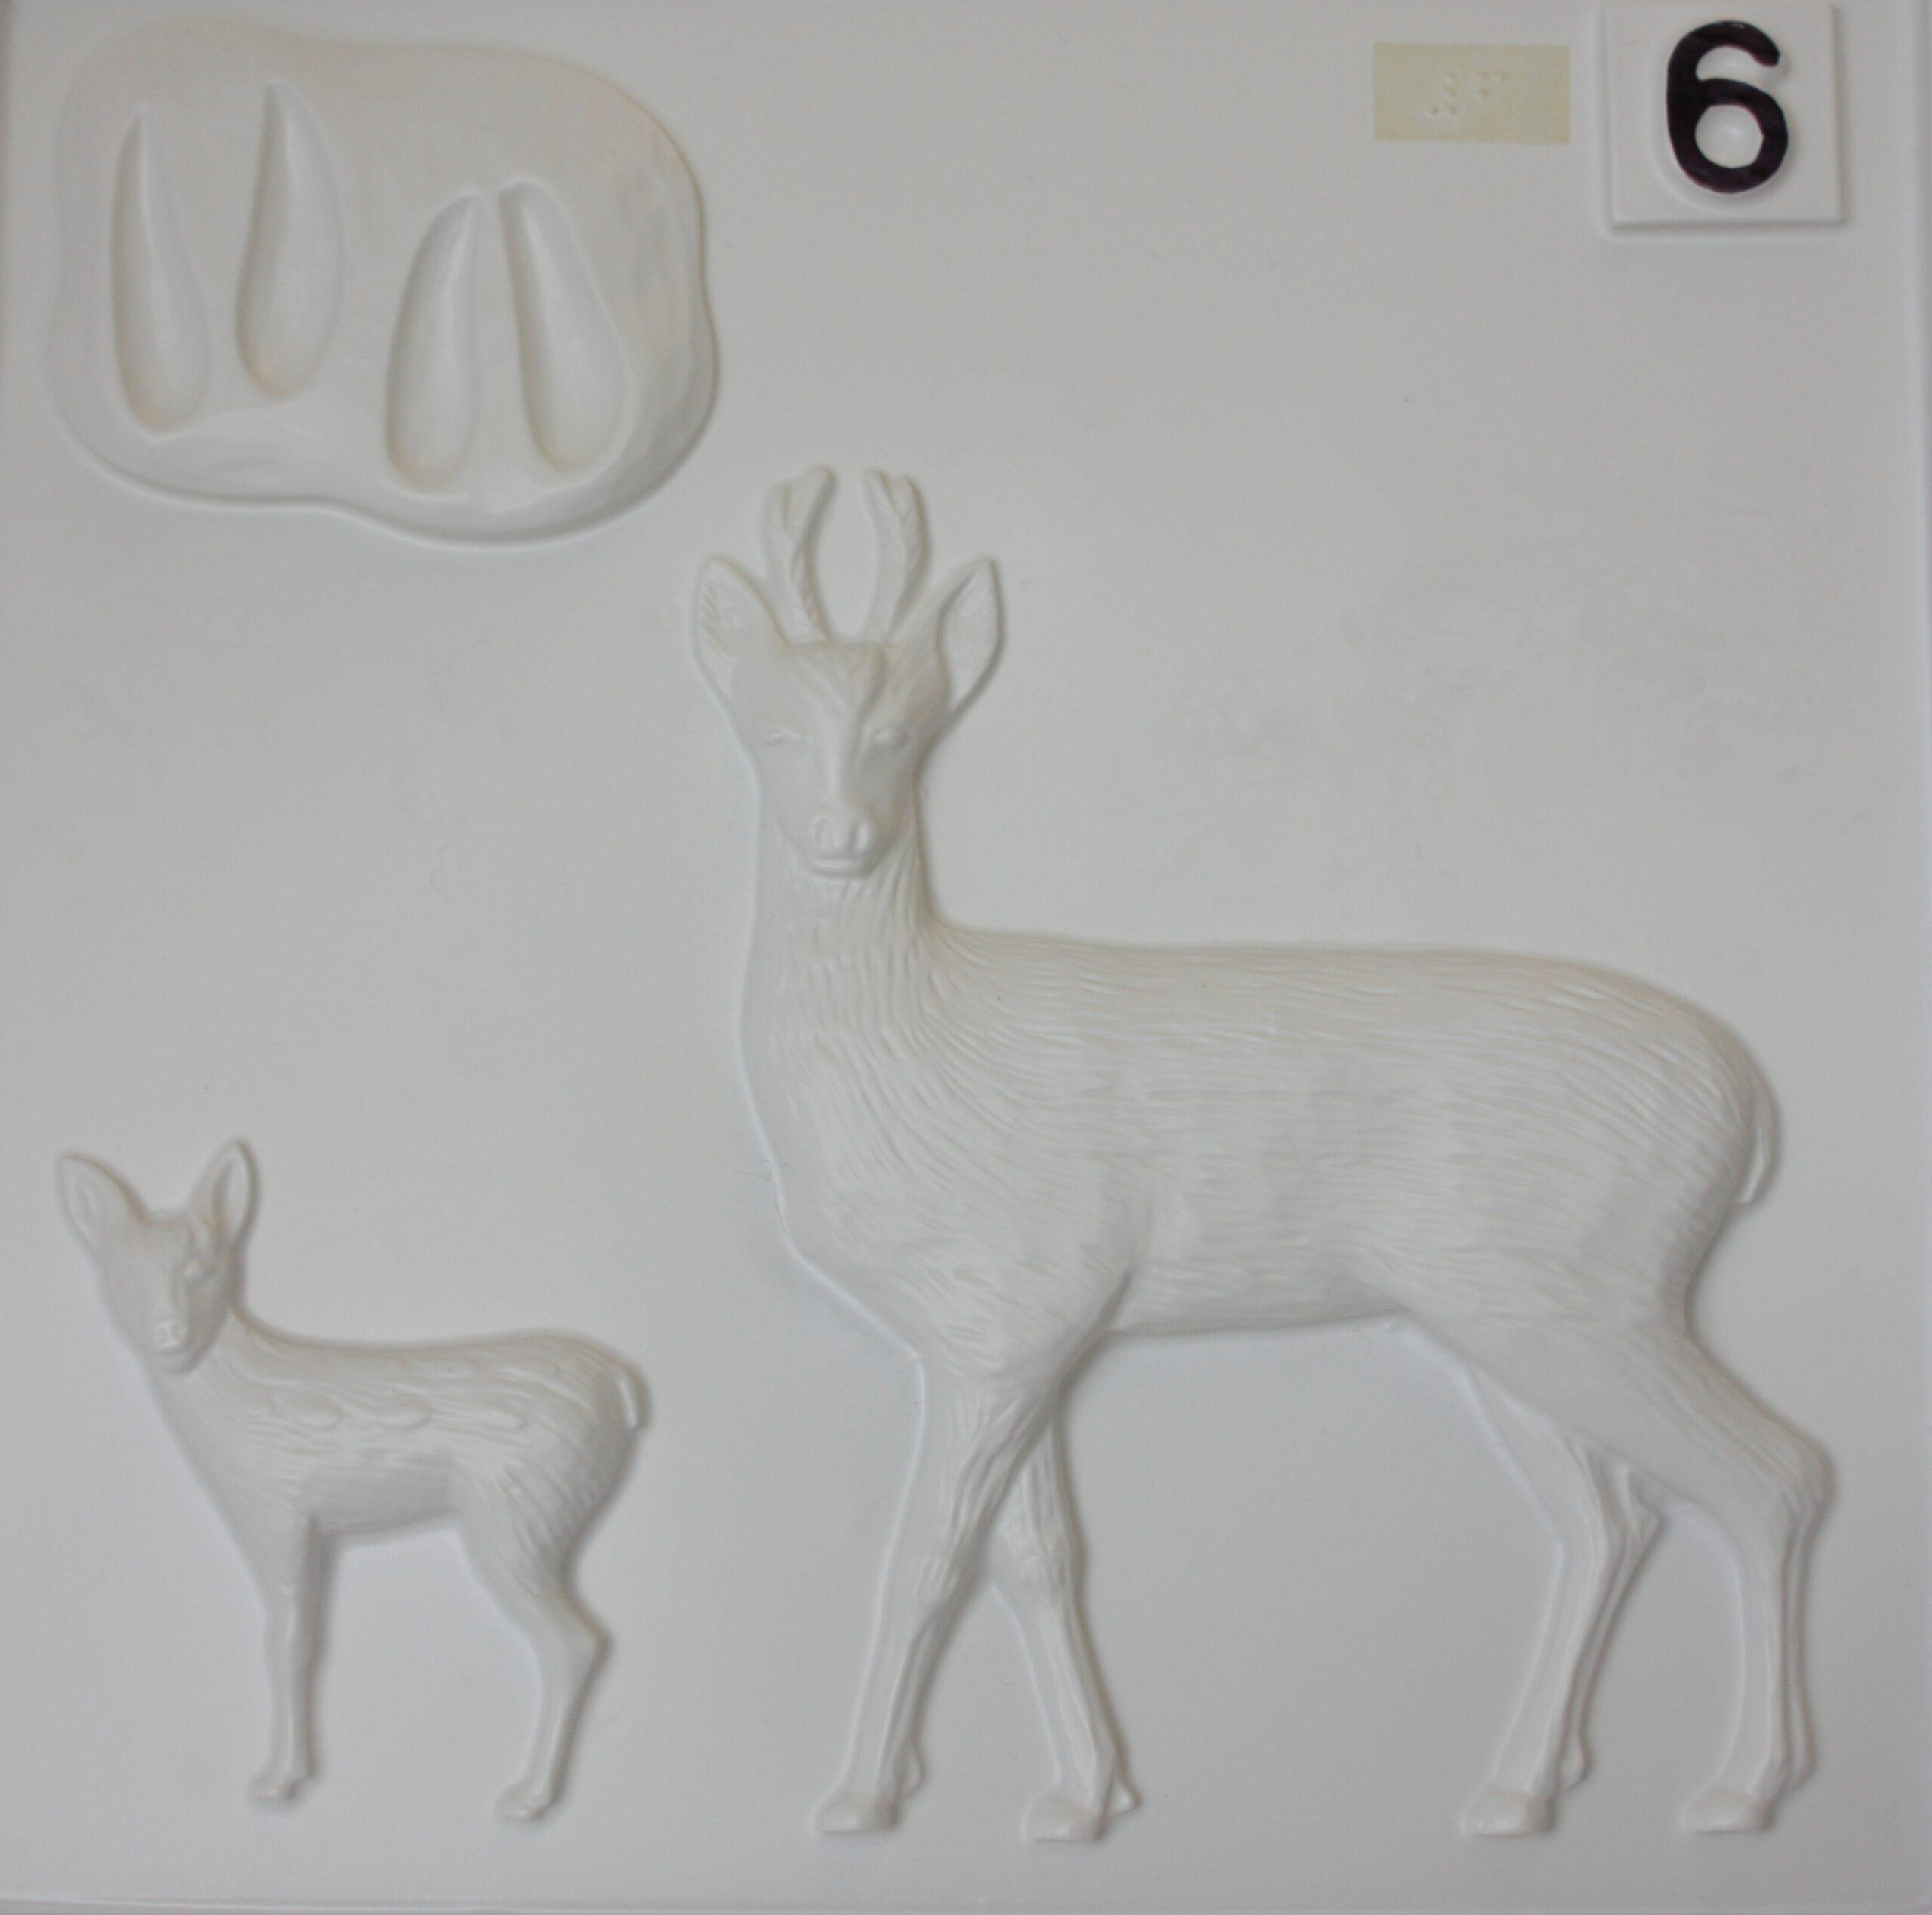 Roe deer tactile image from Living Paintings British Wildlife